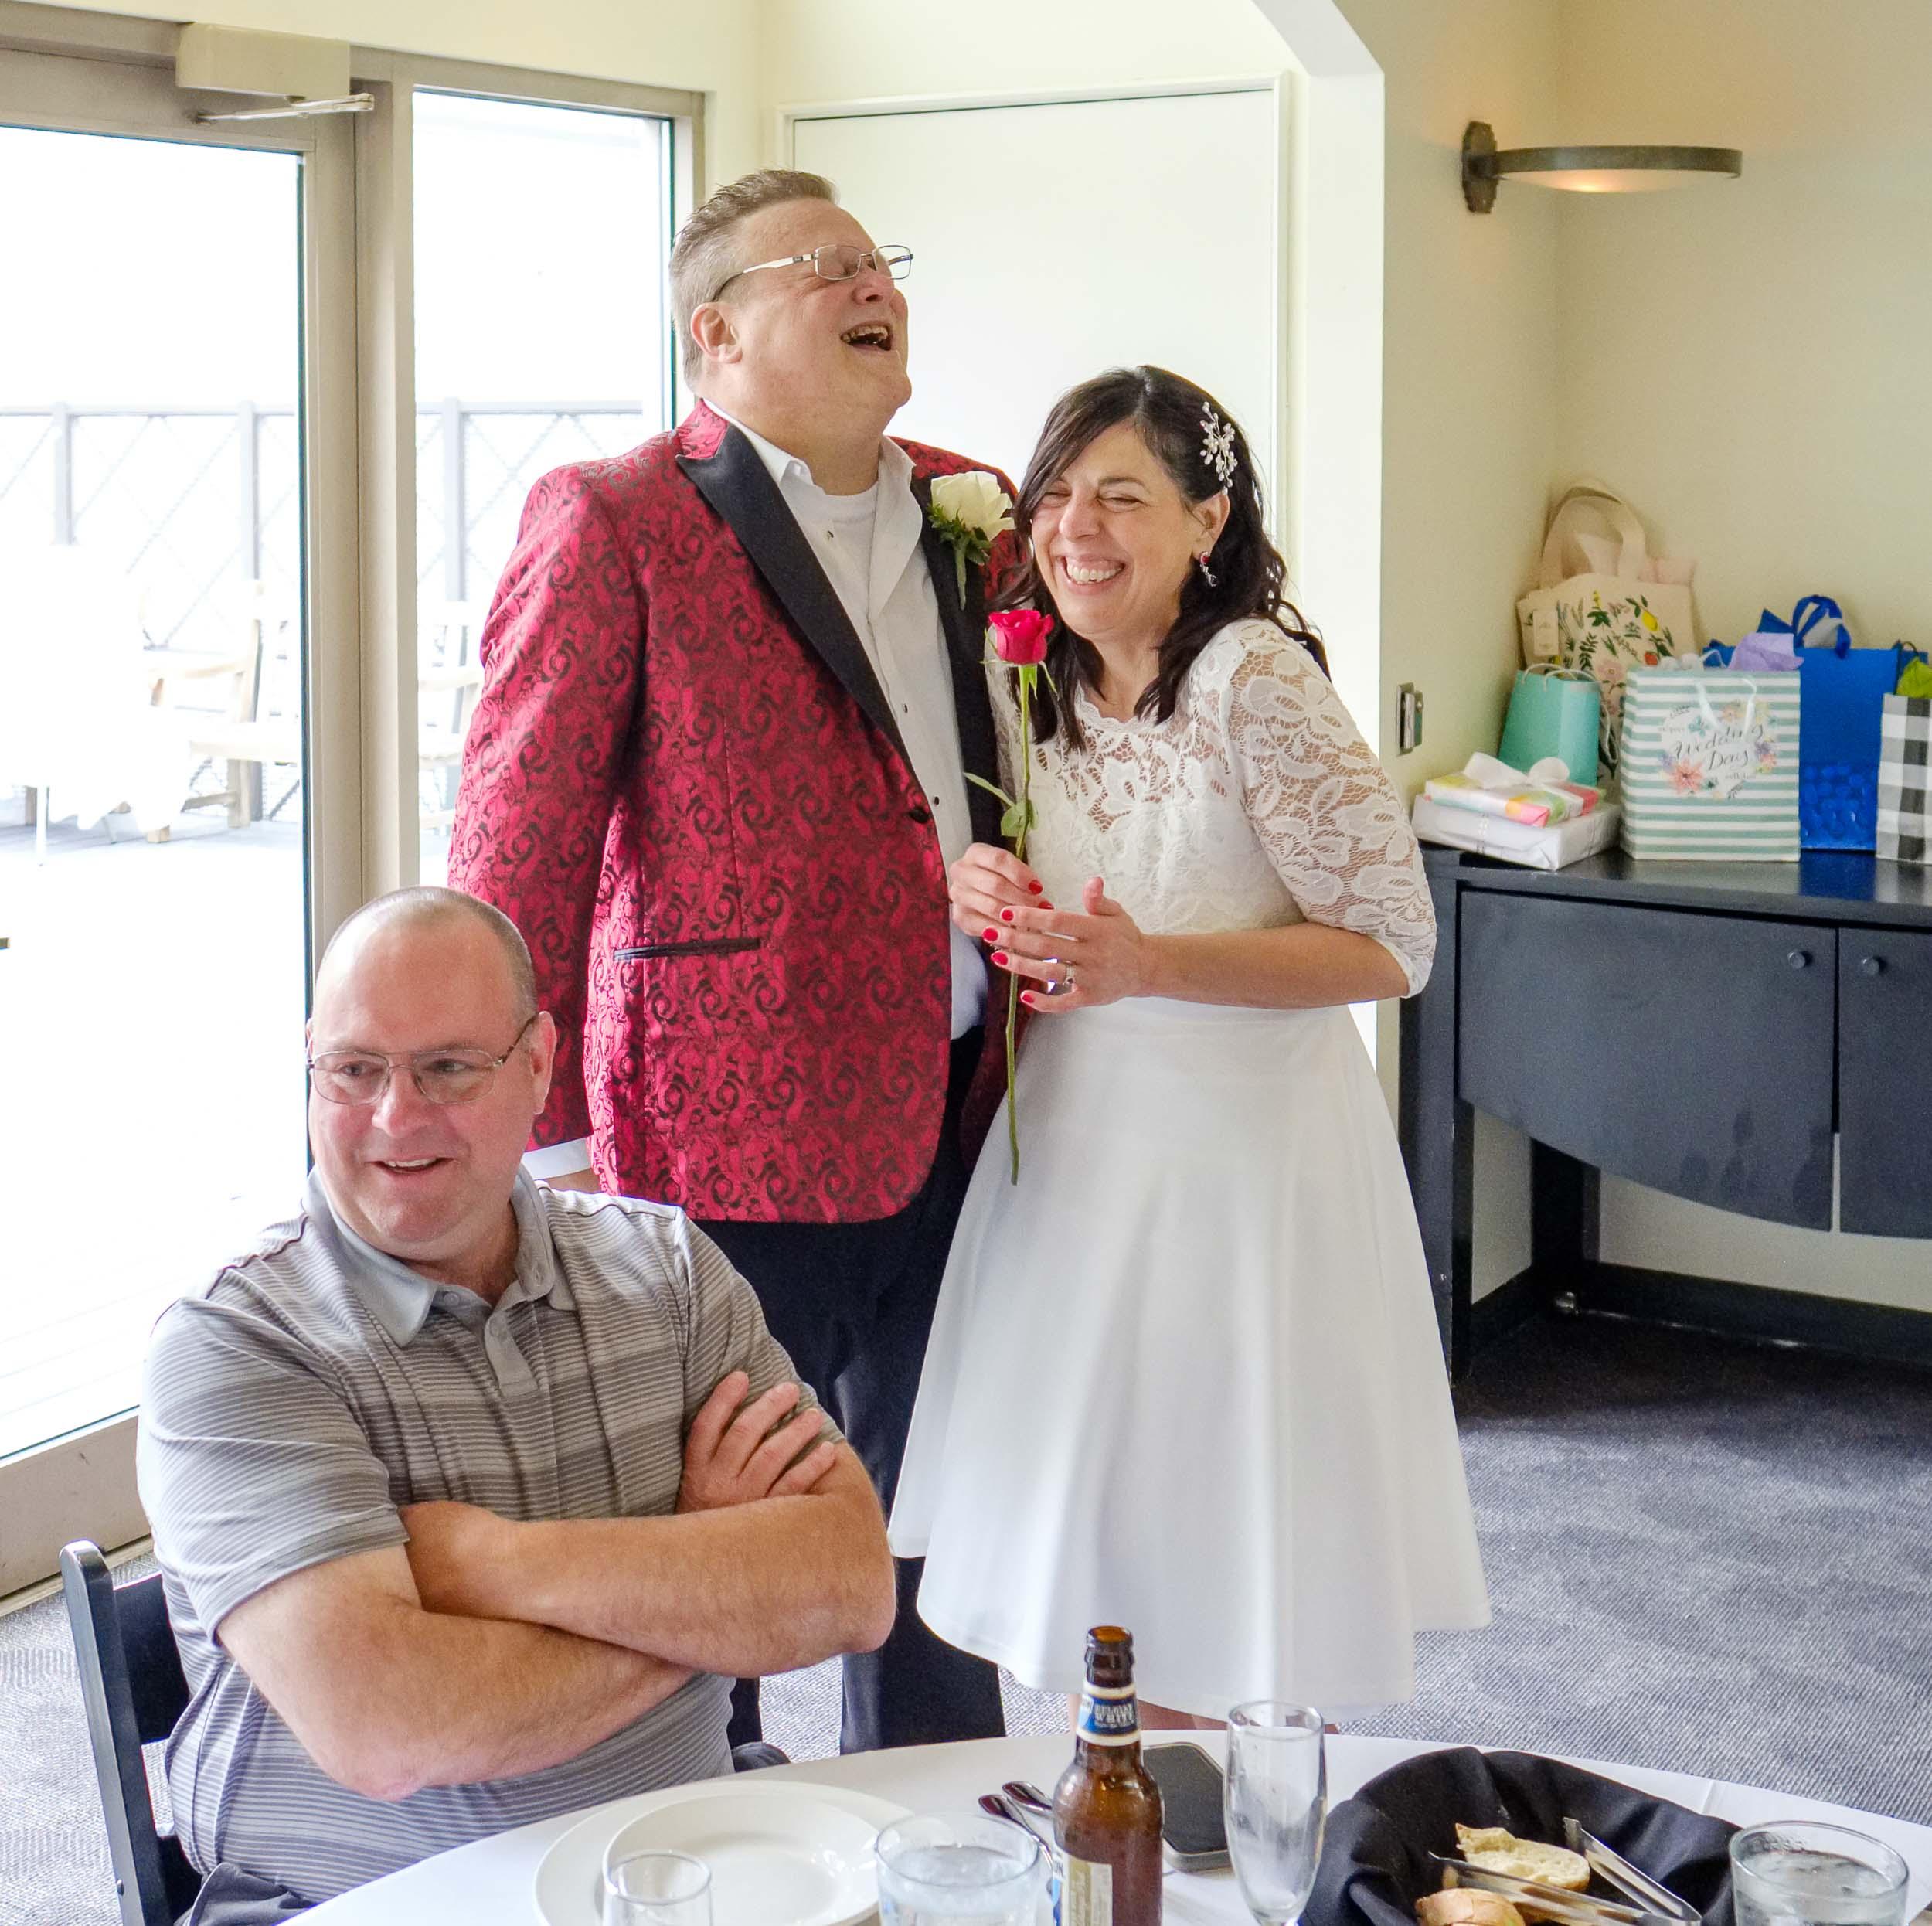 schmidt_wedding-1226.jpg